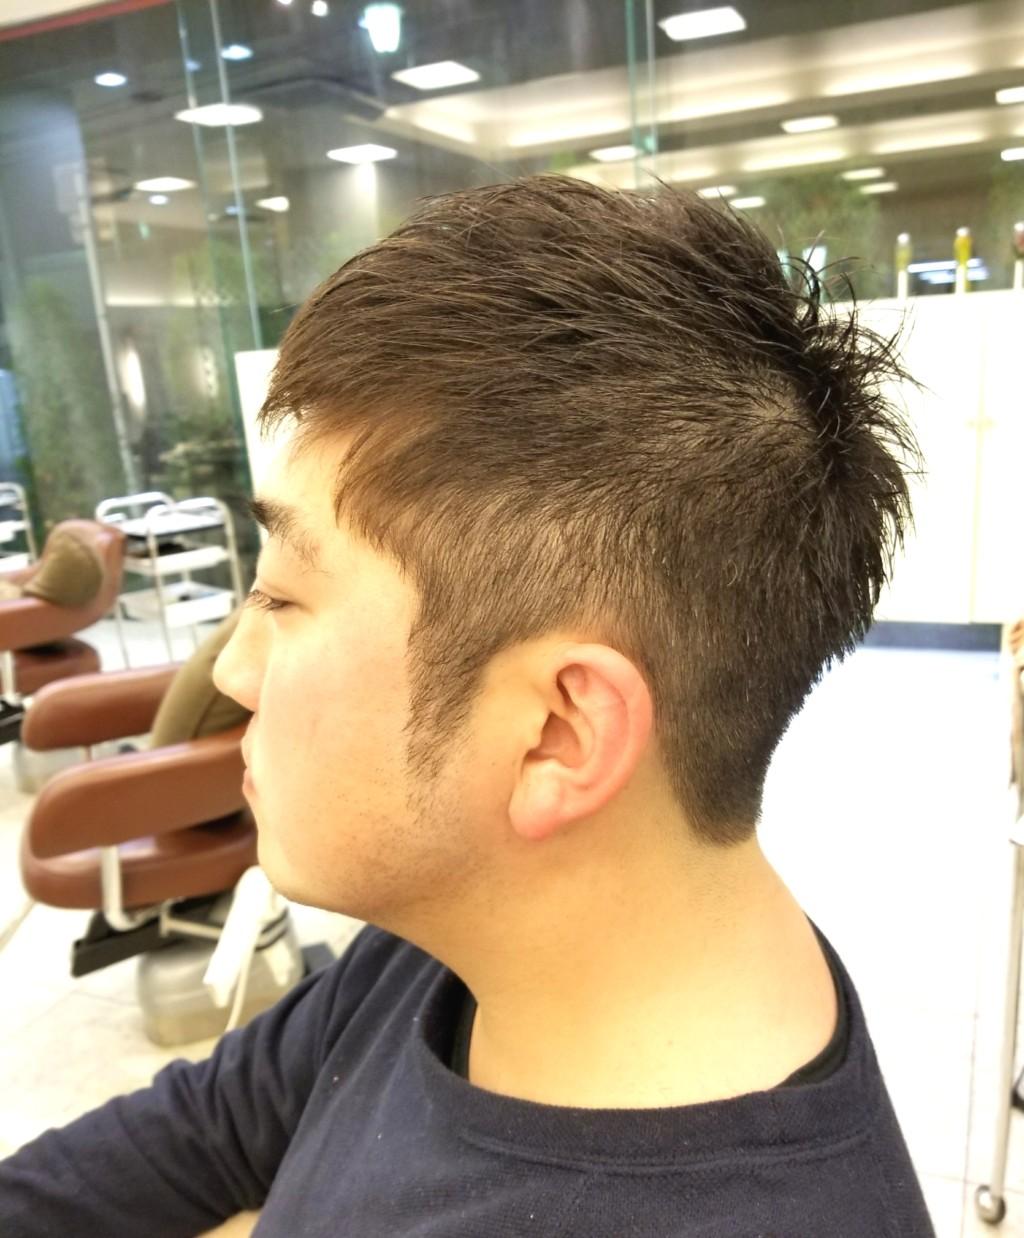 あなたの頭の形を刈りあげスタイルでキレイに見せます!